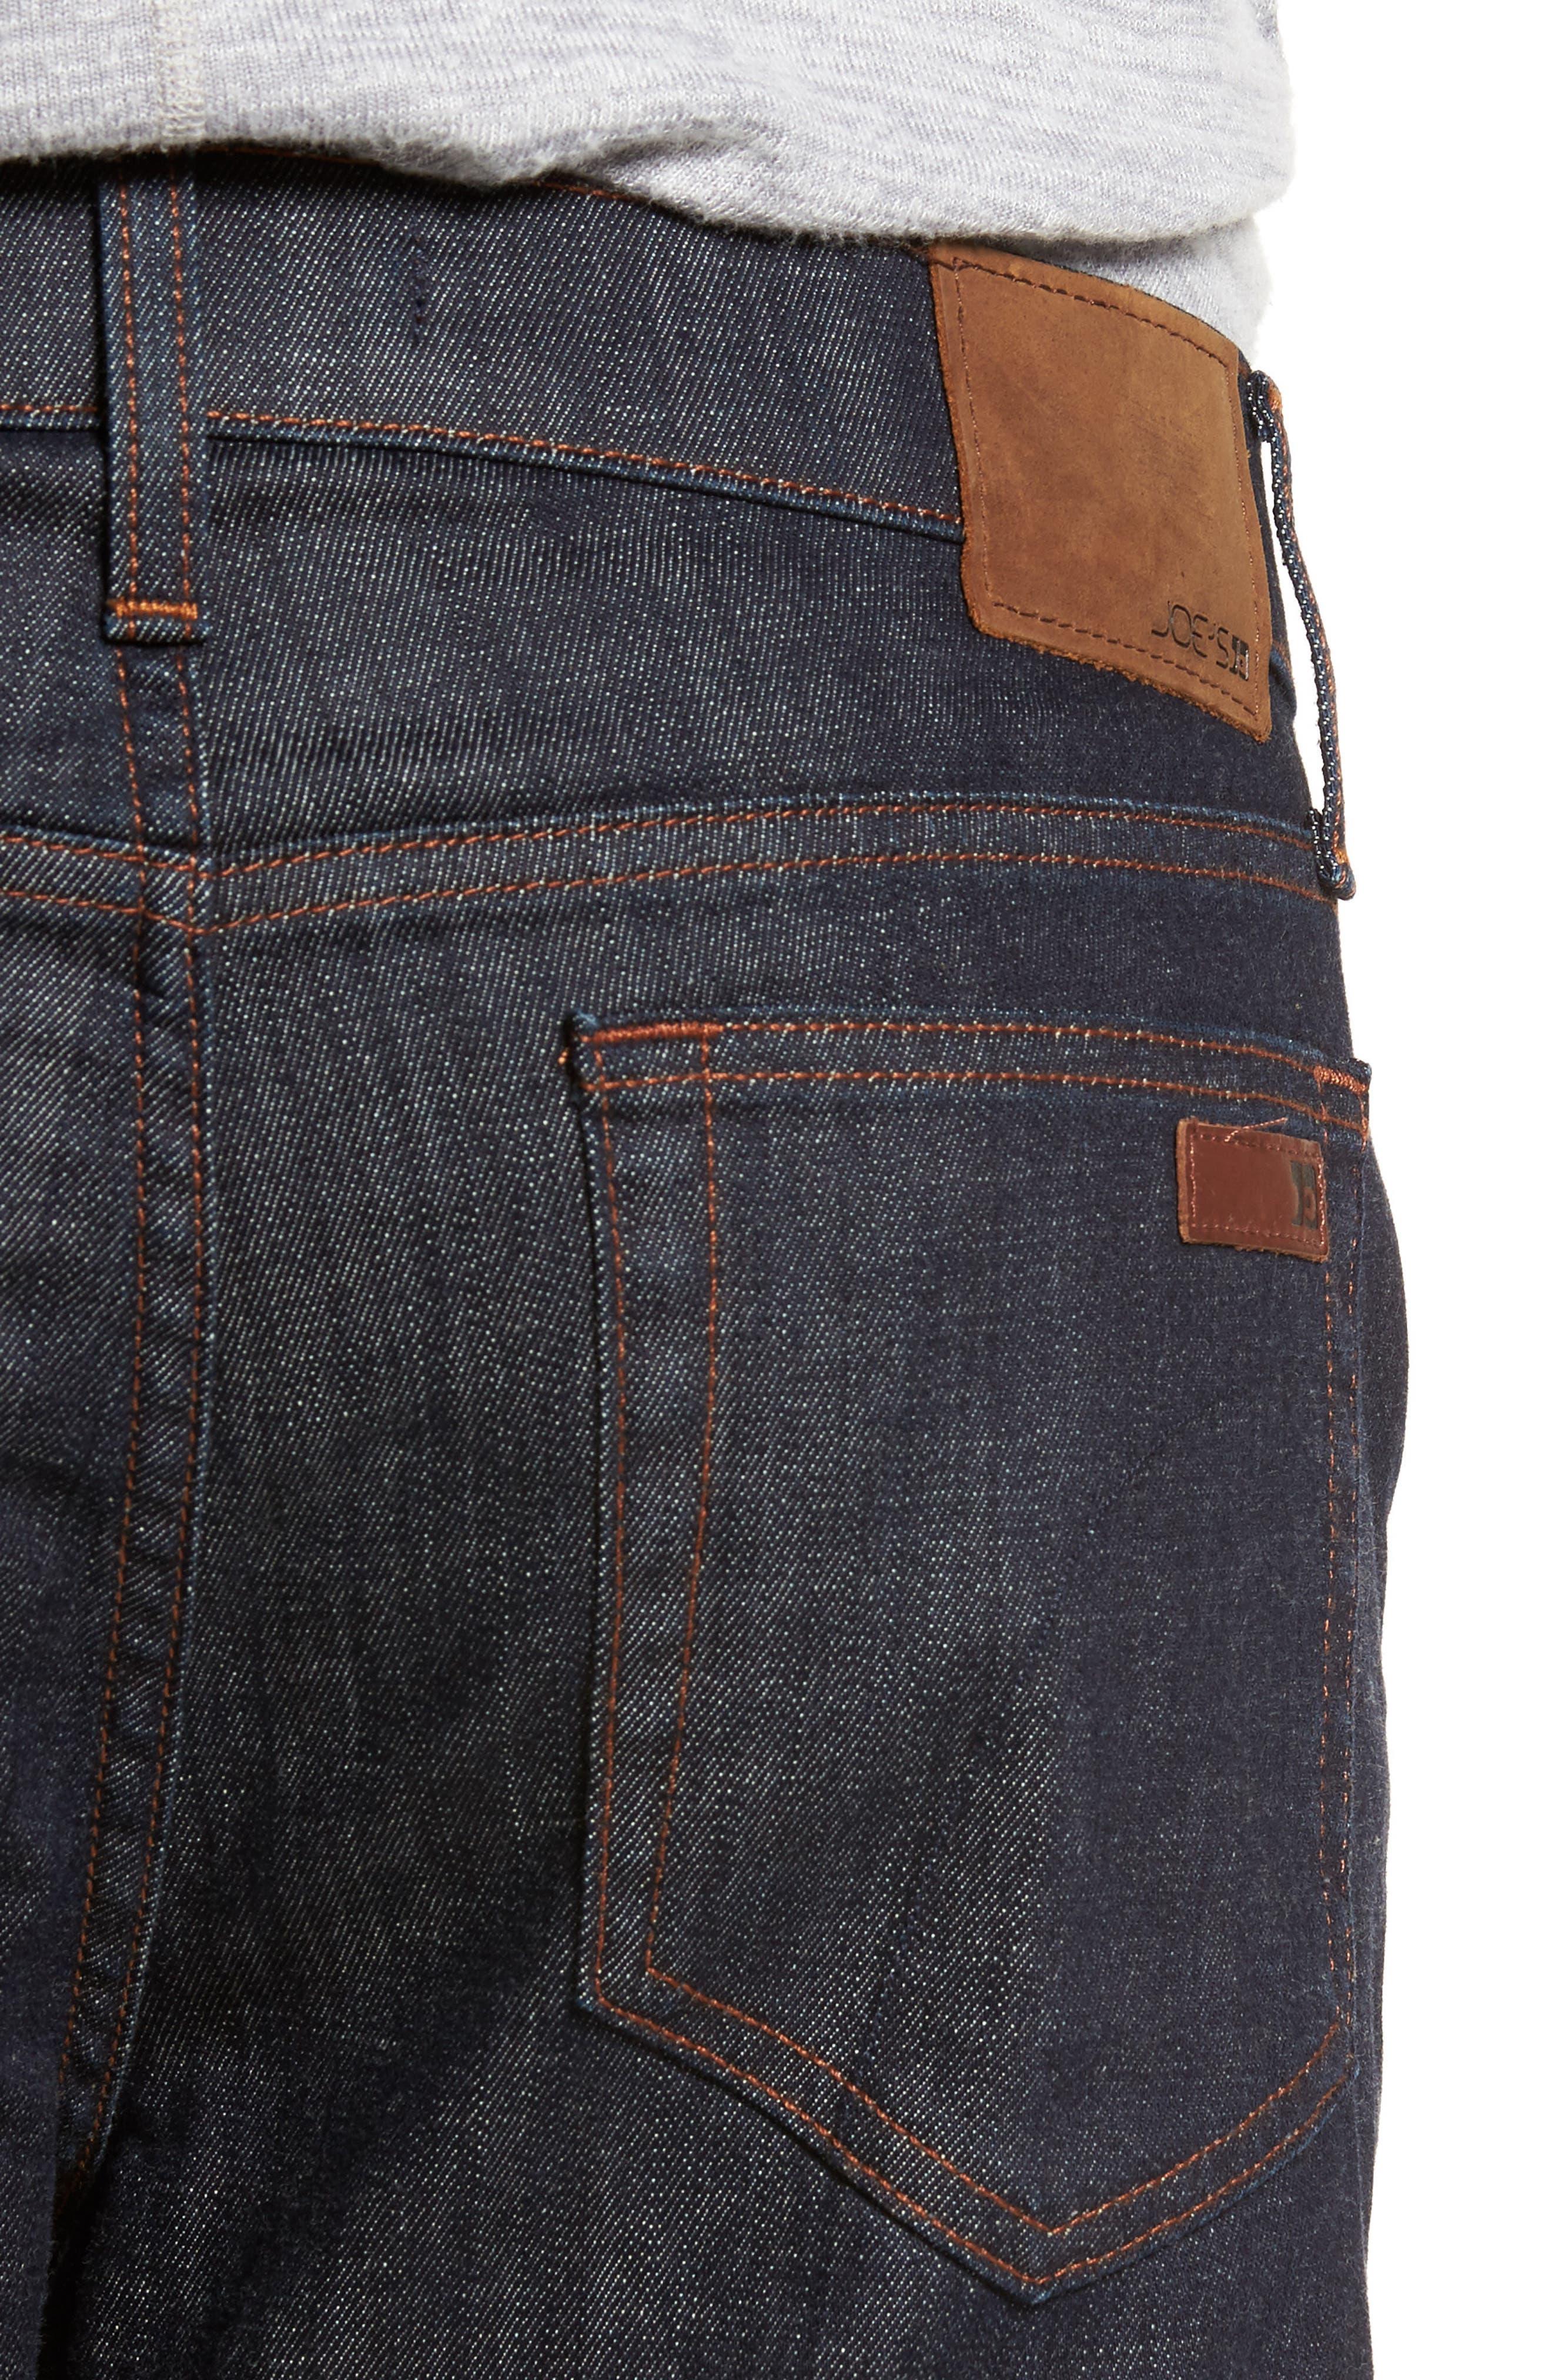 JOE'S,                             Classic Straight Leg Jeans,                             Alternate thumbnail 4, color,                             DAKOTA